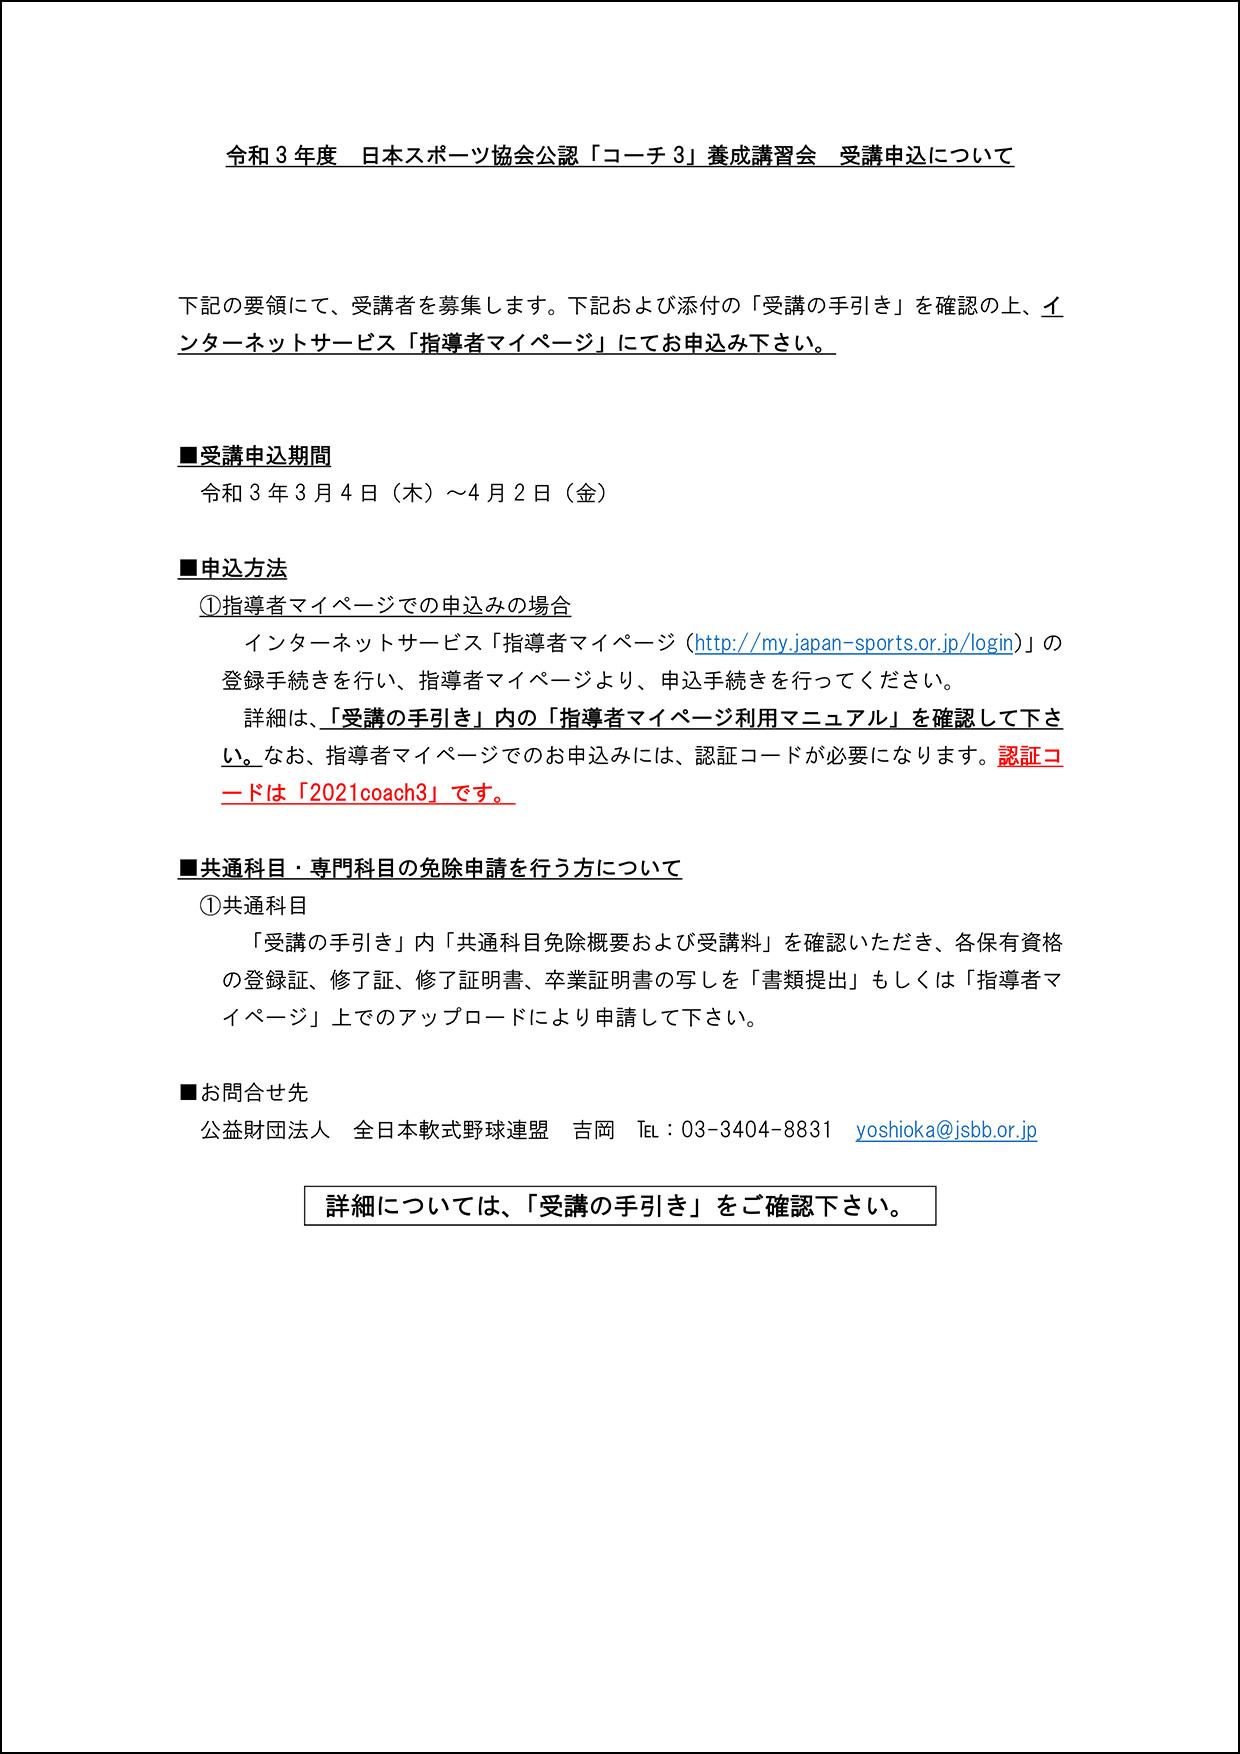 令和3年度公認コーチ3 養成講習会 (案内)